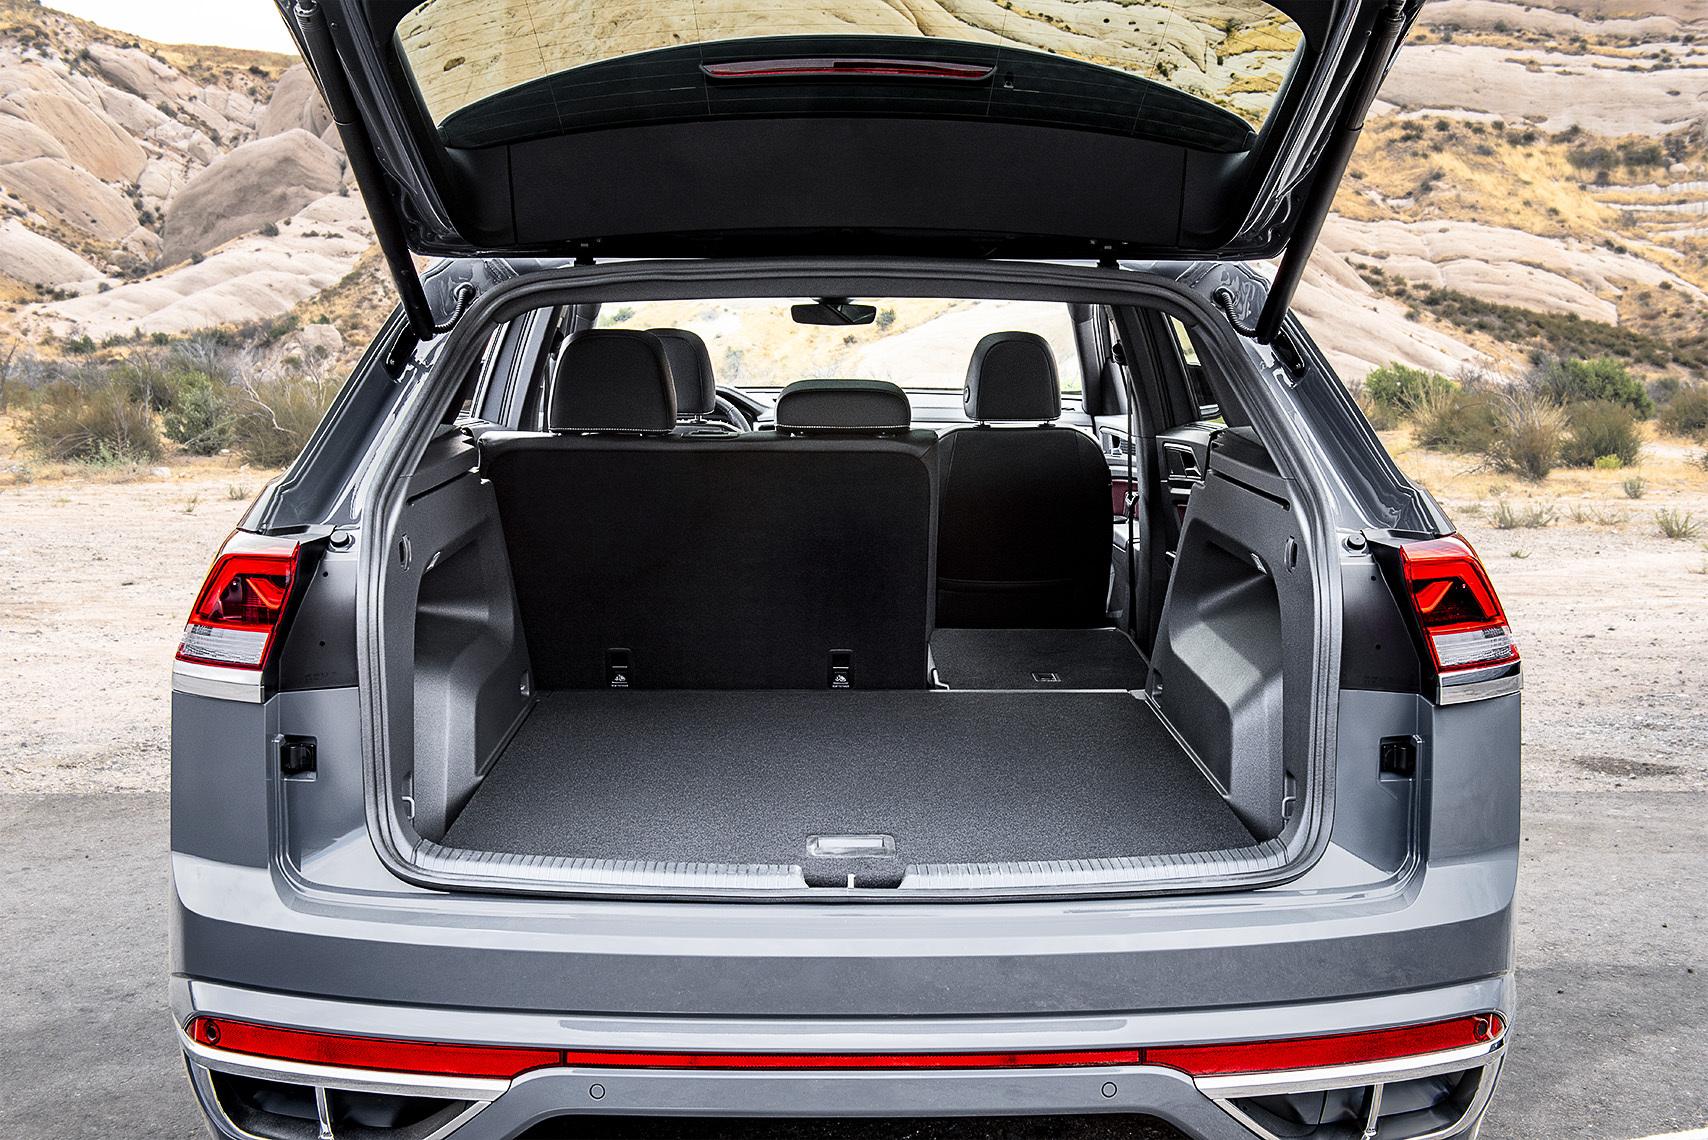 VW_AtlasCrossSport_rearcargo